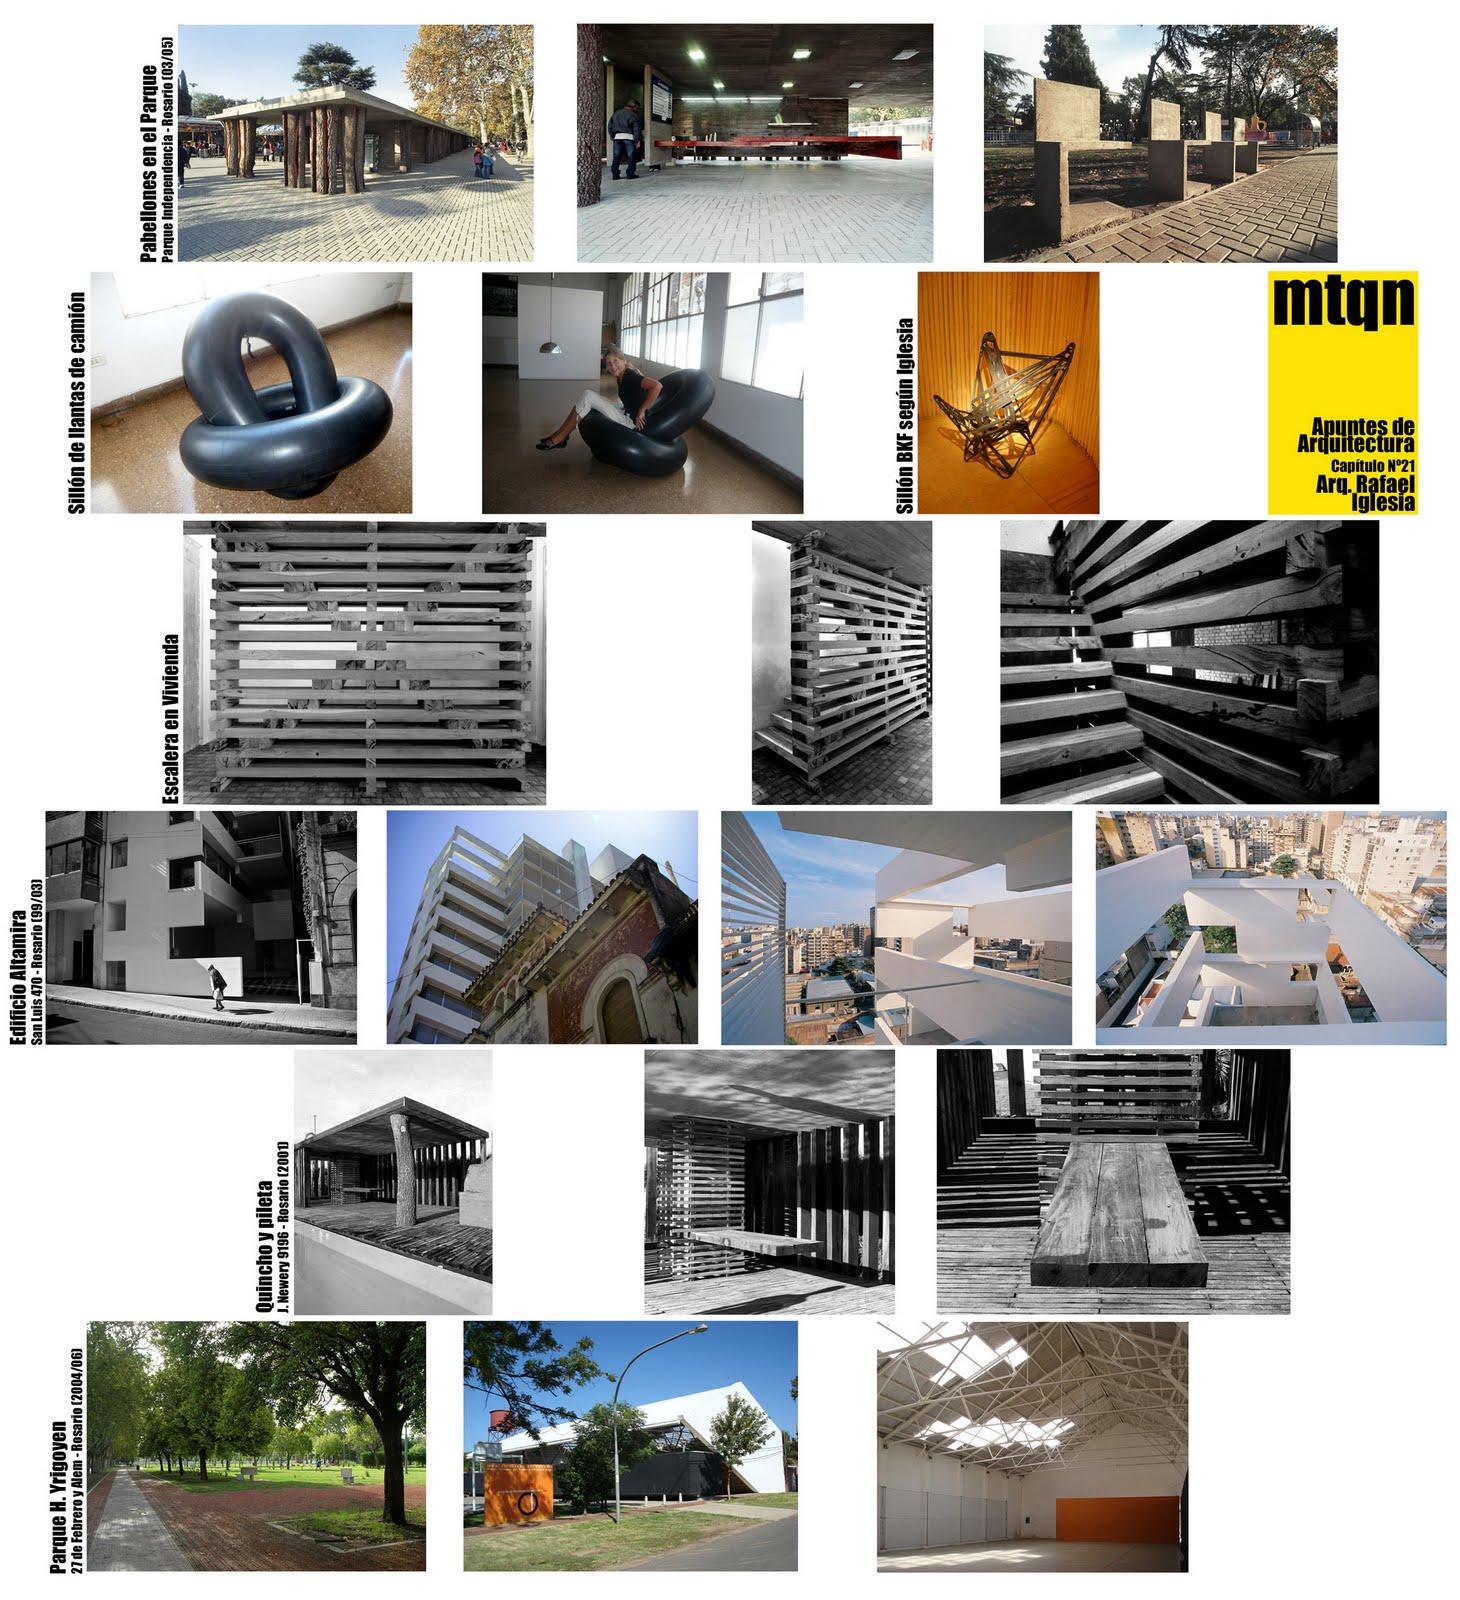 M s tarde que nunca apuntes de arquitectura n 21 rafael for Arquitectura carrera profesional